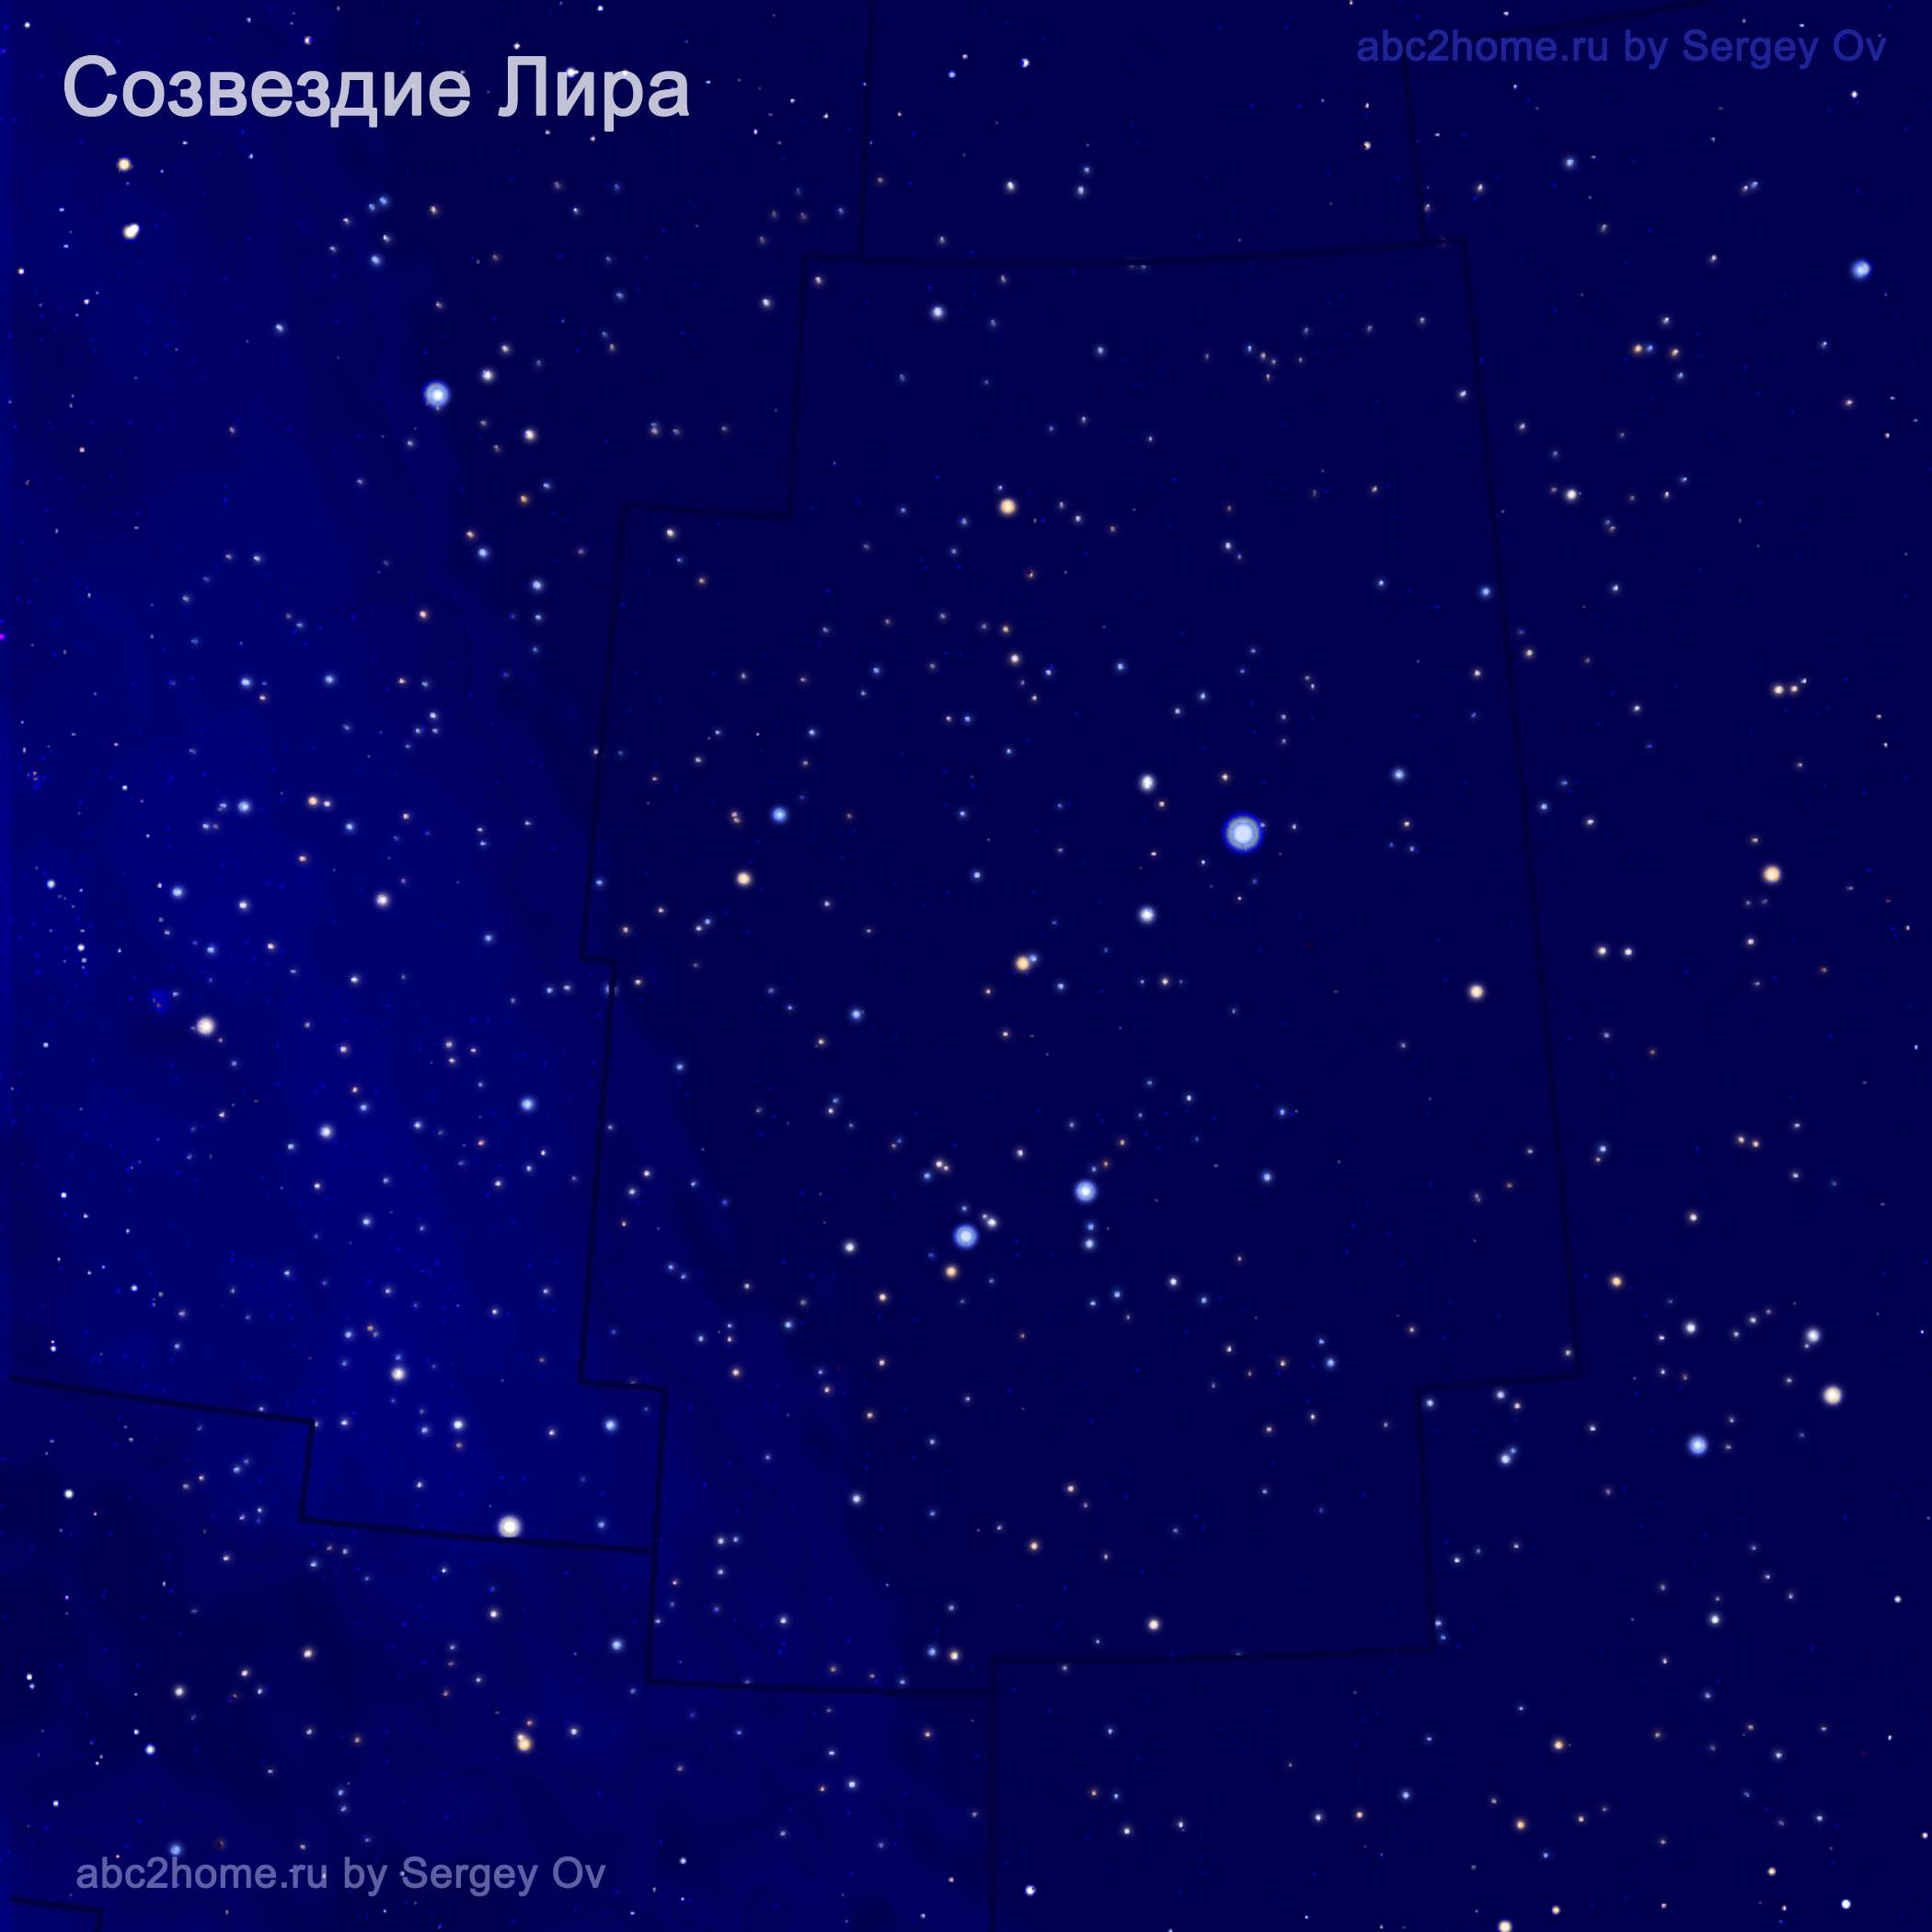 Созвездие Лира, звезды созвездия Лира